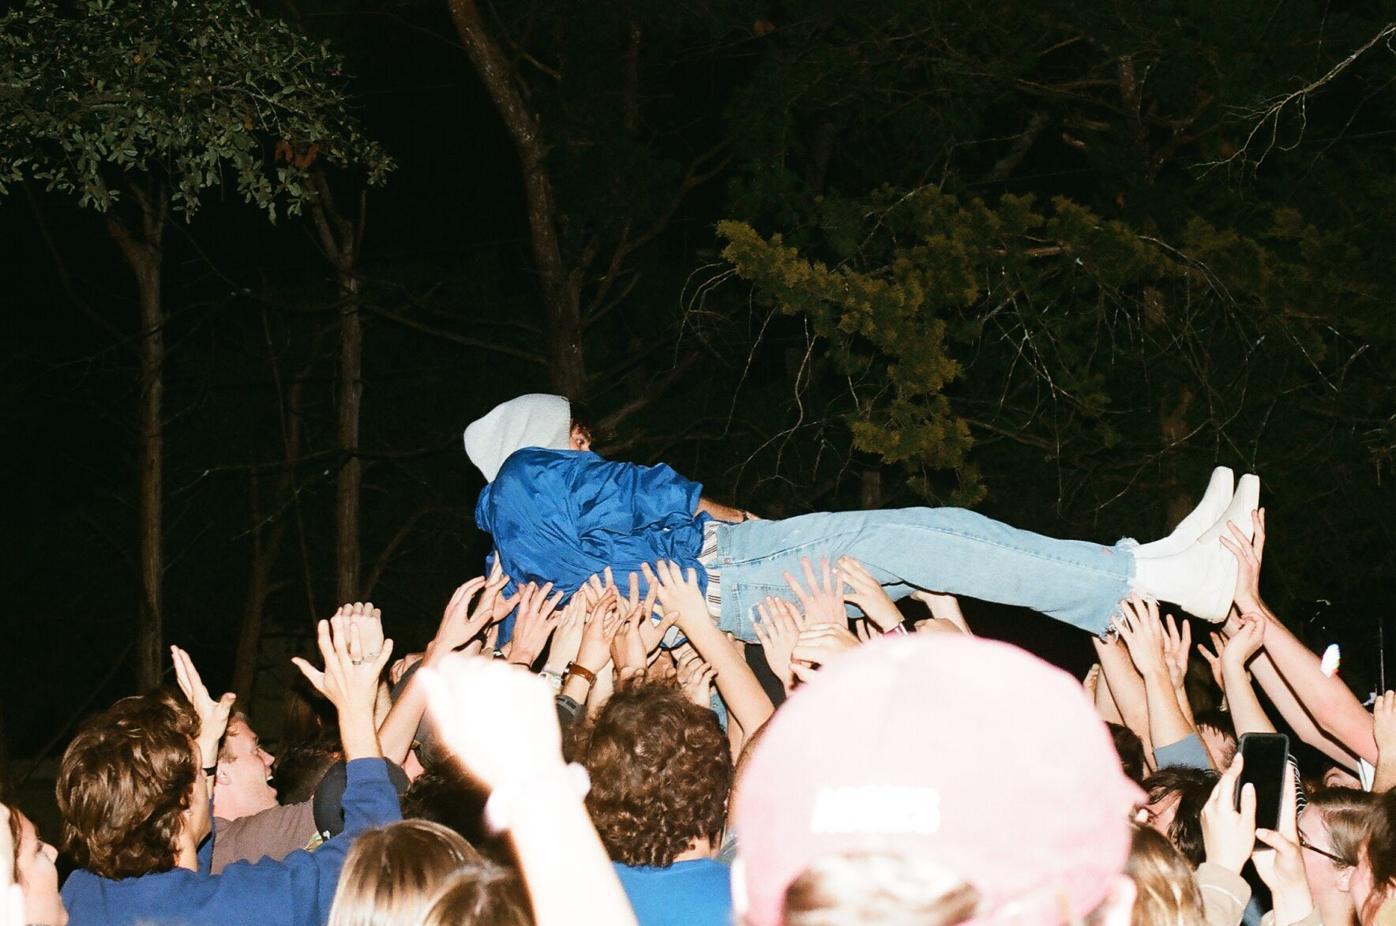 josef crowd surfing